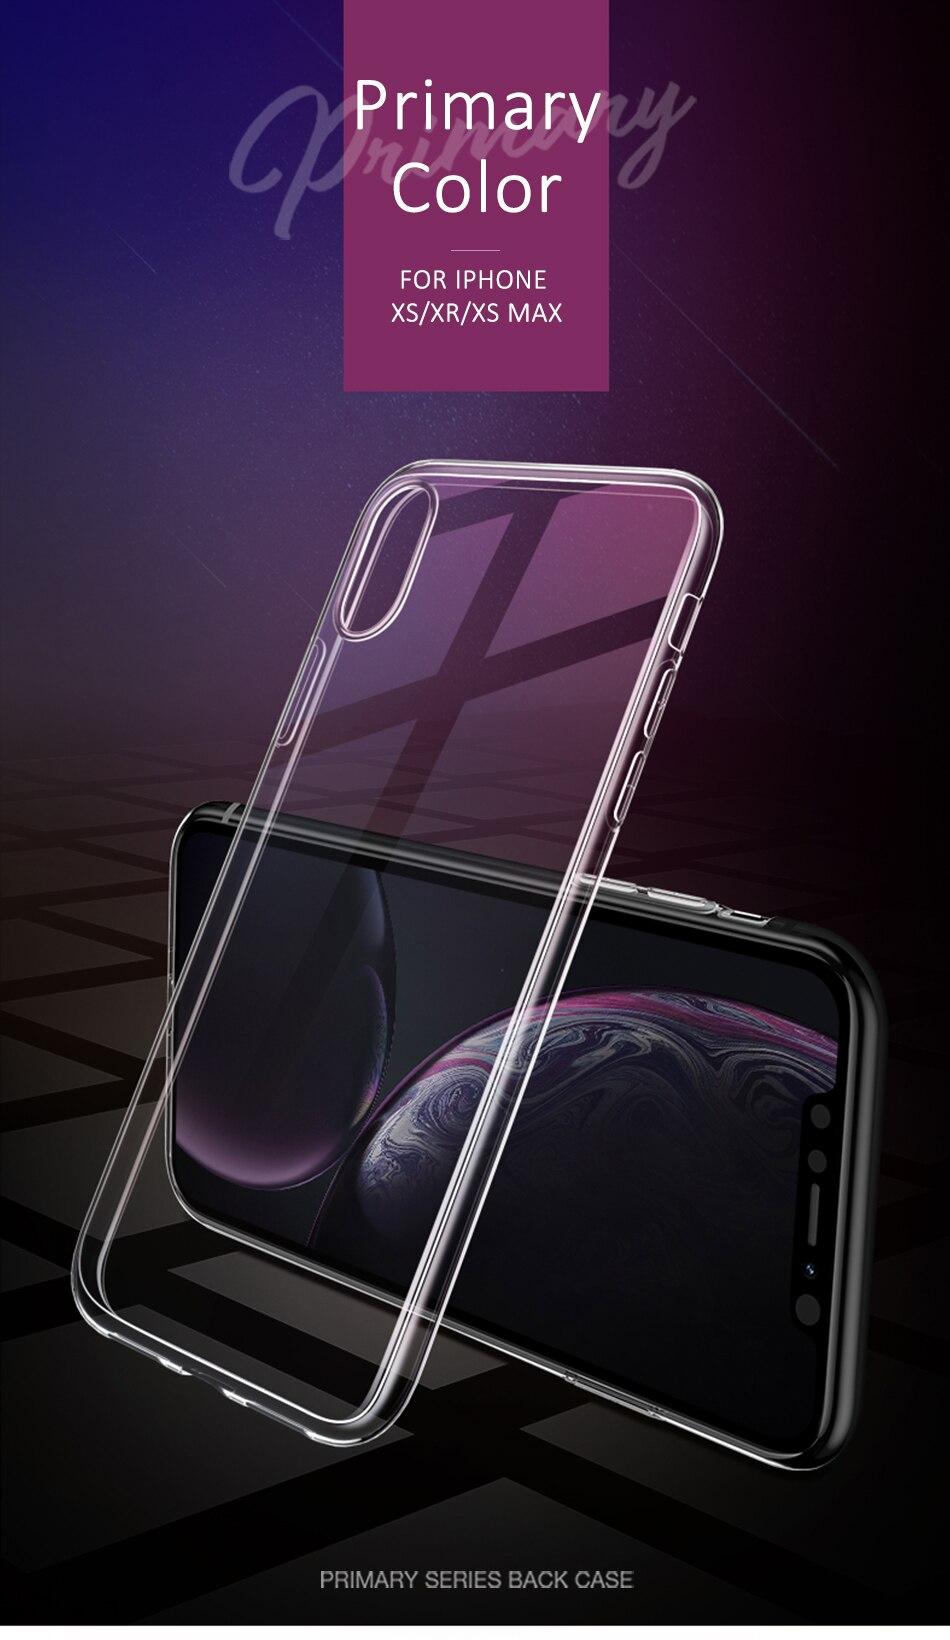 20180911-US-BH439US-BH440US-BH444-iPhone9--(1)_01